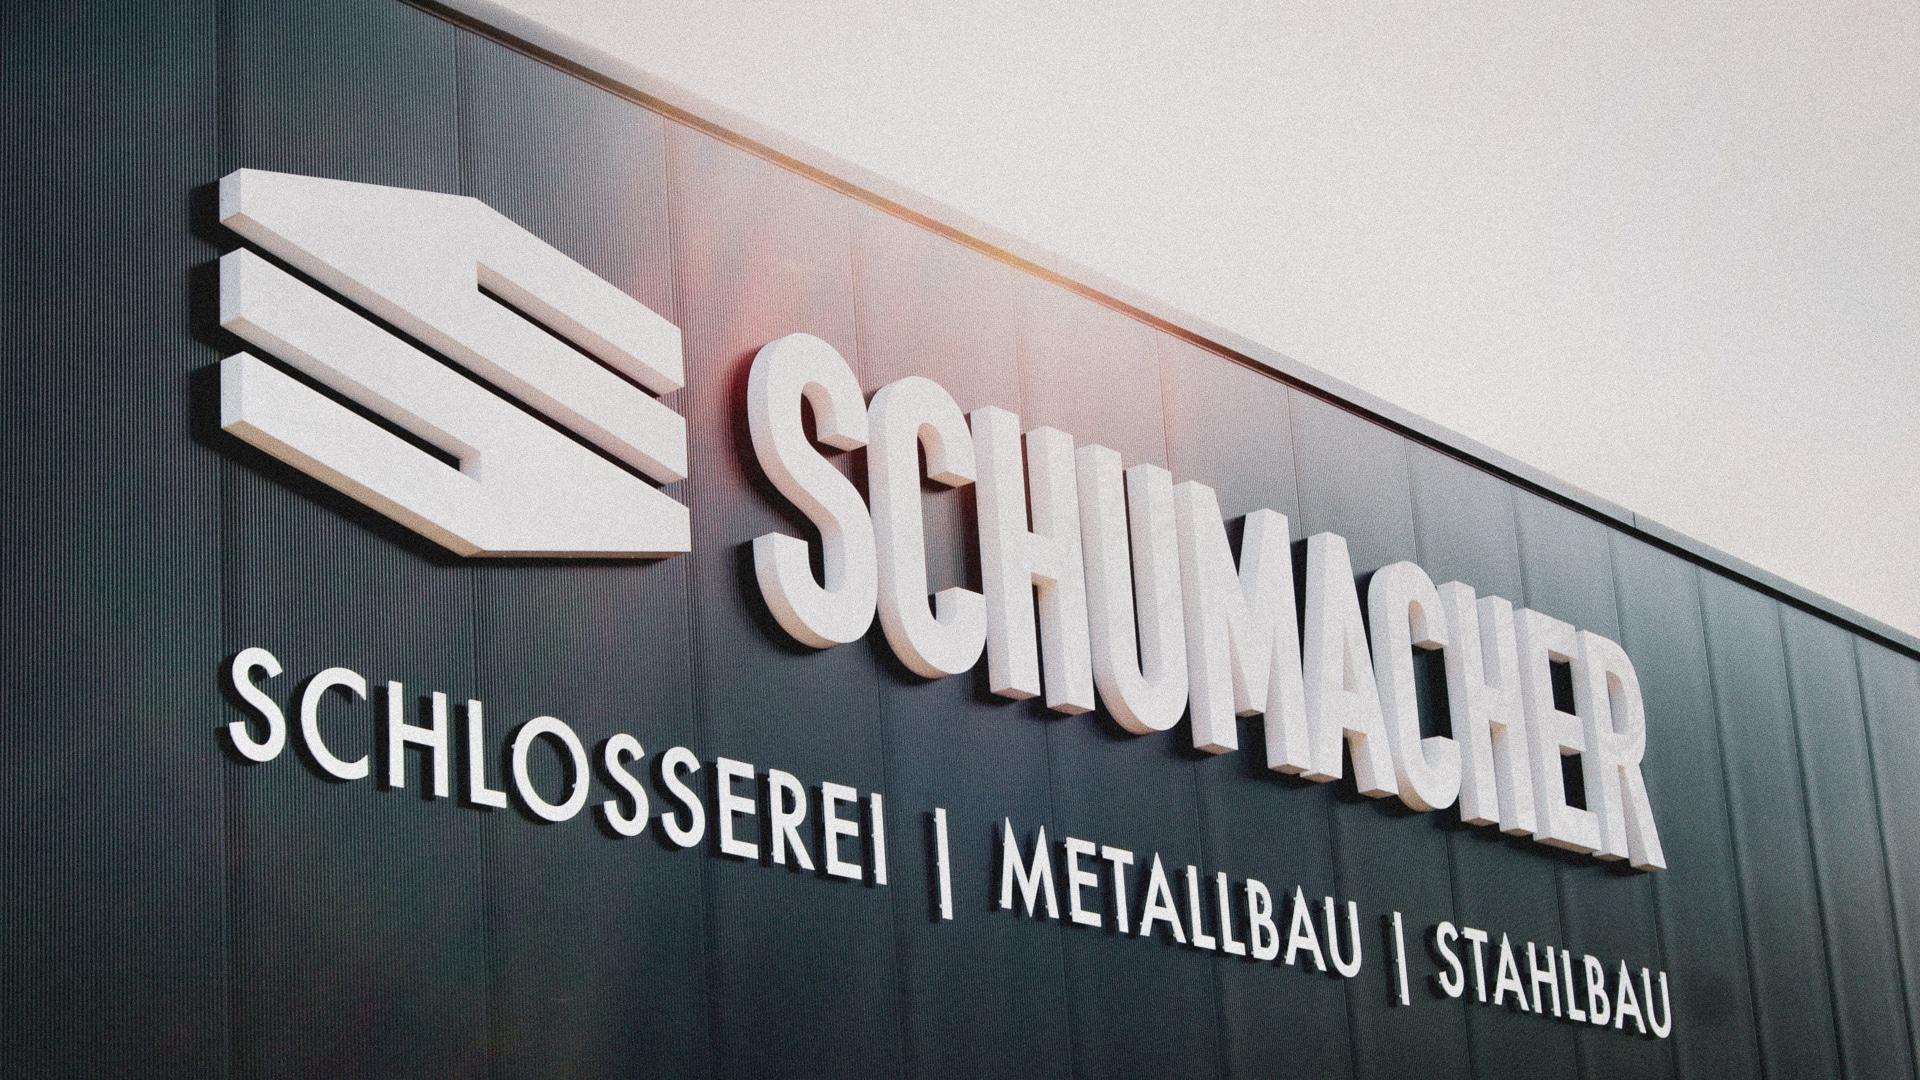 Laserhub Fallstudie Schlosserei Schumache Keyvisual